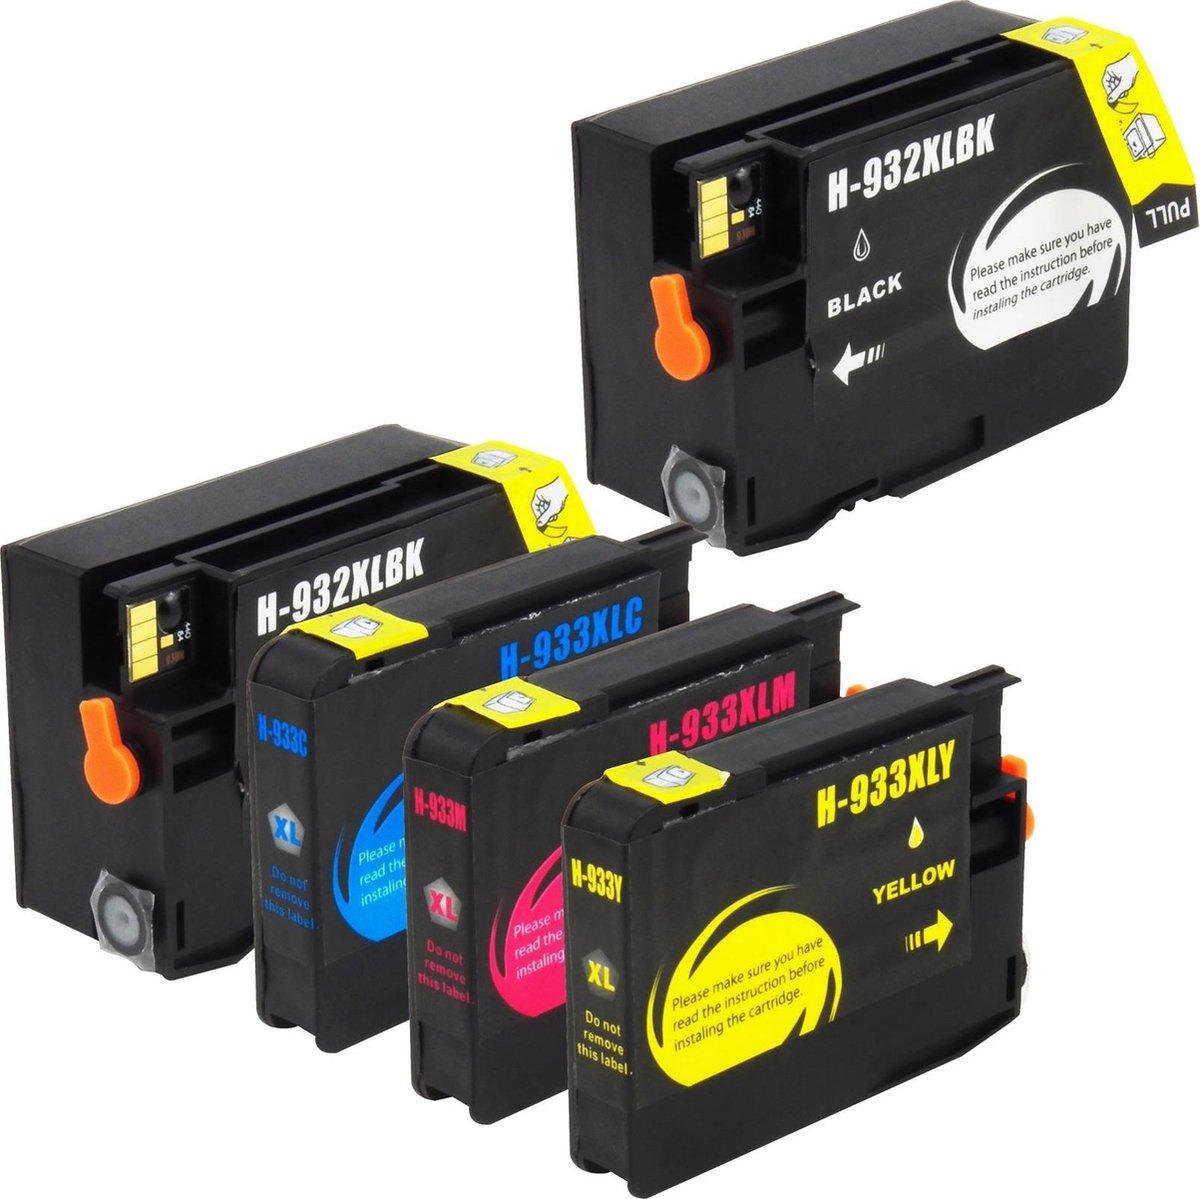 Huismerk HP 932 / HP 933 XL inktcartridges, set van 5 stuks. Zwart / Cyaan / Magenta / Geel / Hoge Capaciteit - InktMaxx